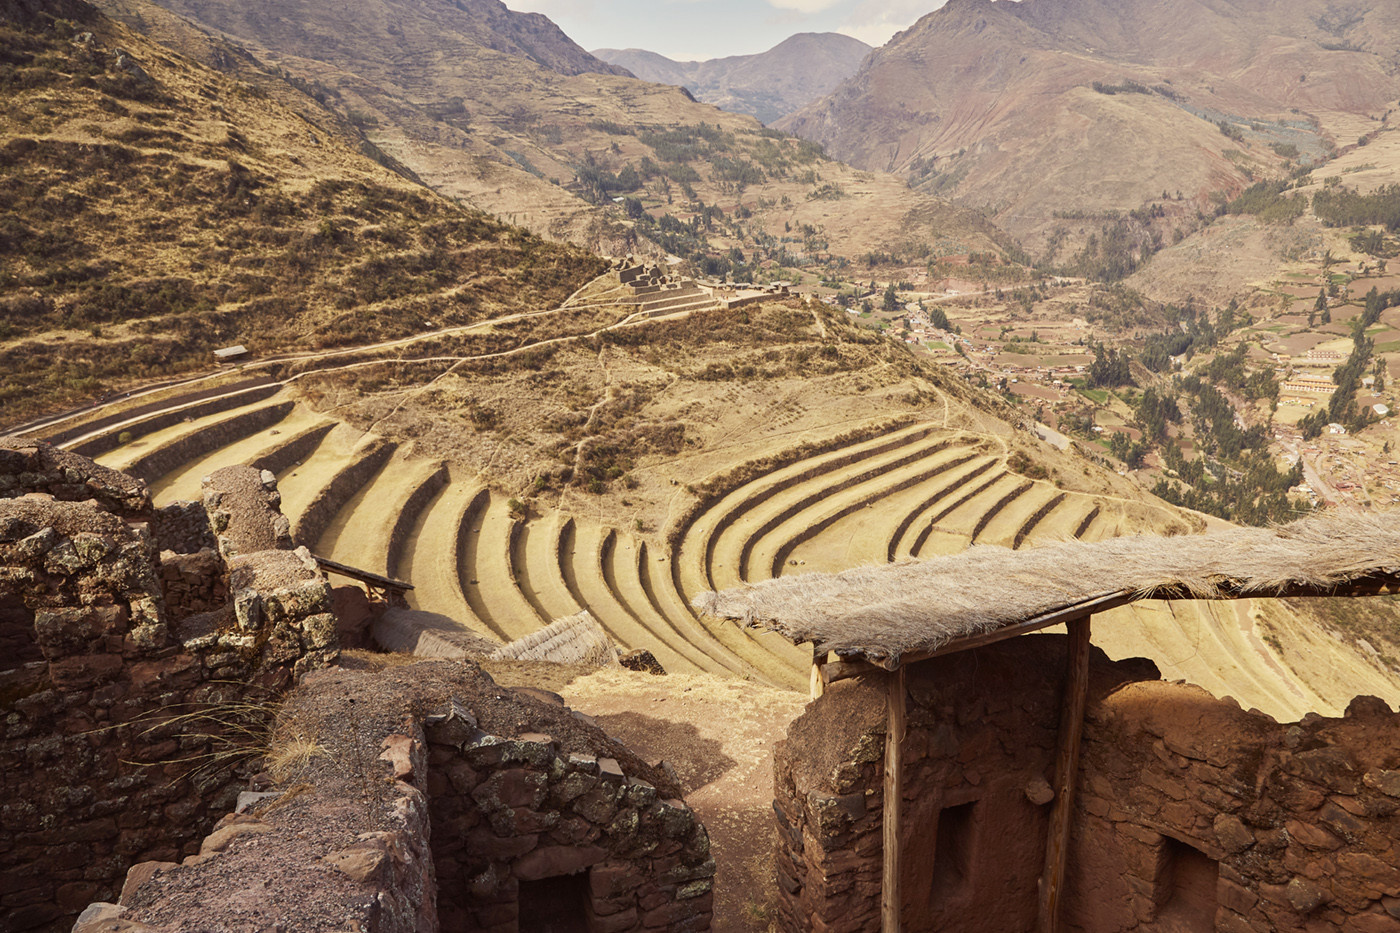 Die Ruinen von Pisac befinden sich im Heiligen Tal der Inka in Peru, für mich waren sie eines der Highlights in unserem Peru Urlaub